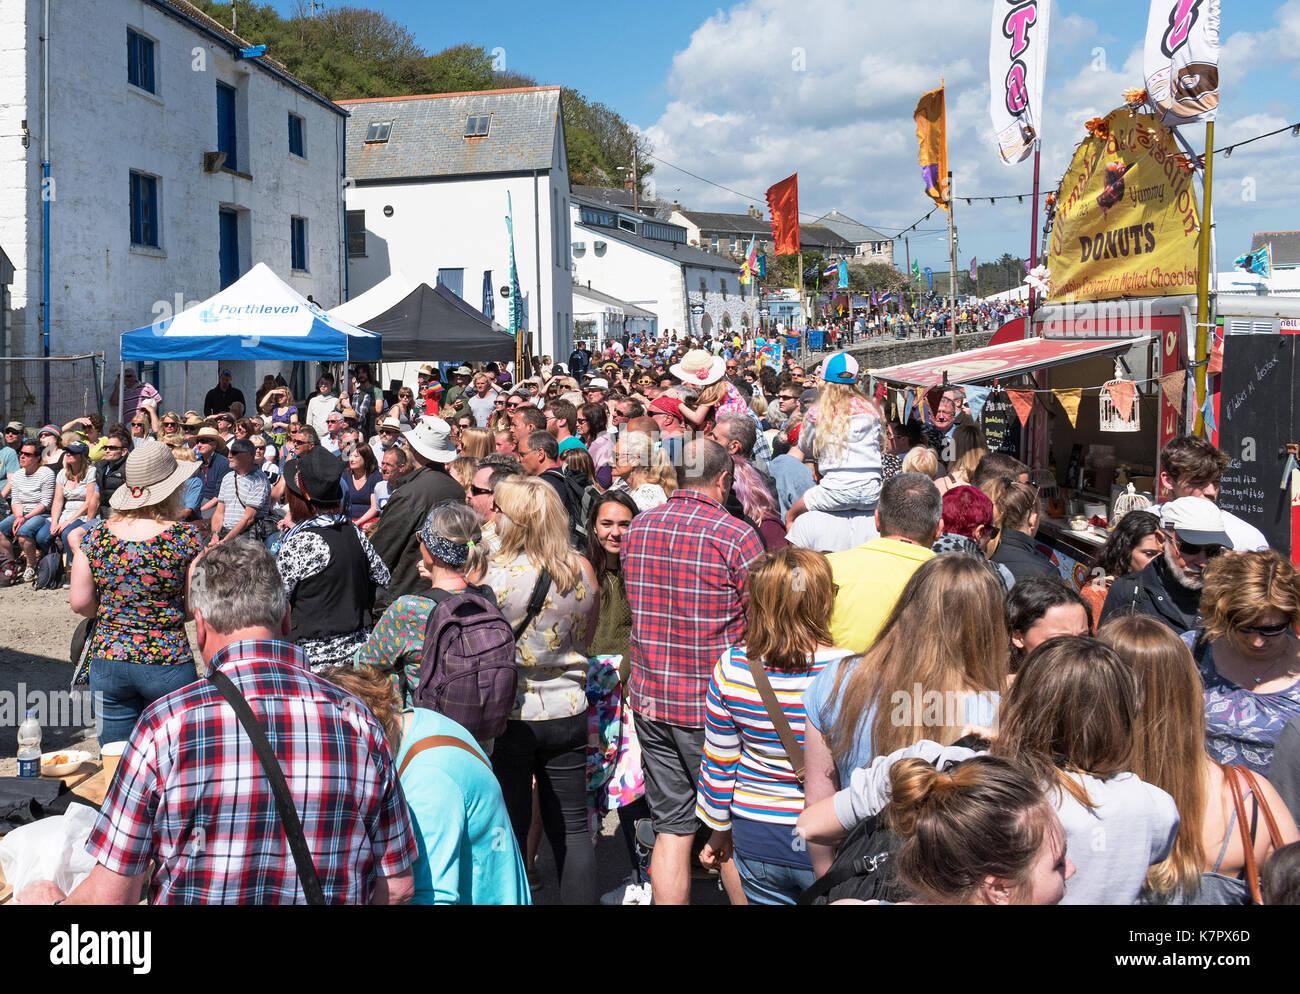 Multitudes de peopel en la comida anual y festival de música en porthleven, Cornwall, Inglaterra, Reino Unido. Imagen De Stock